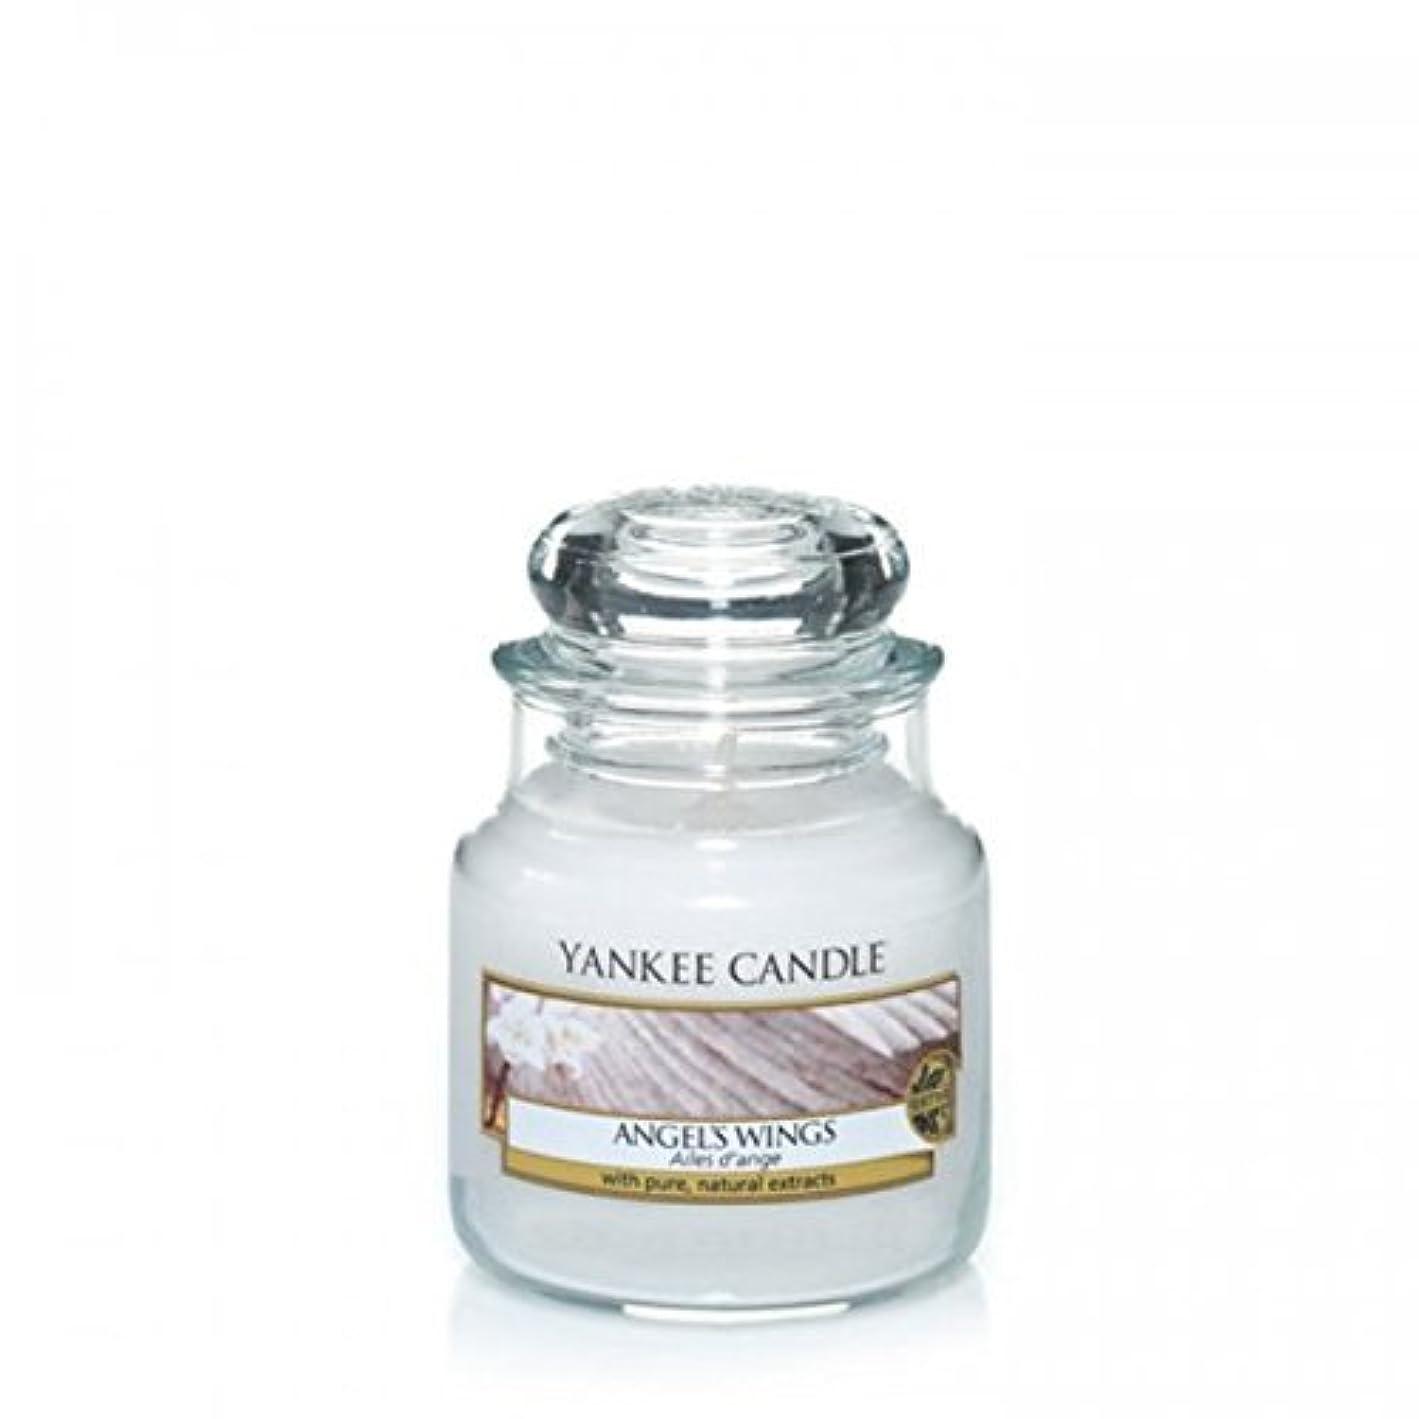 ドレスフラグラント見捨てるYankee Candle Angels Wings Jar 3.7Oz by Yankee Candle [並行輸入品]